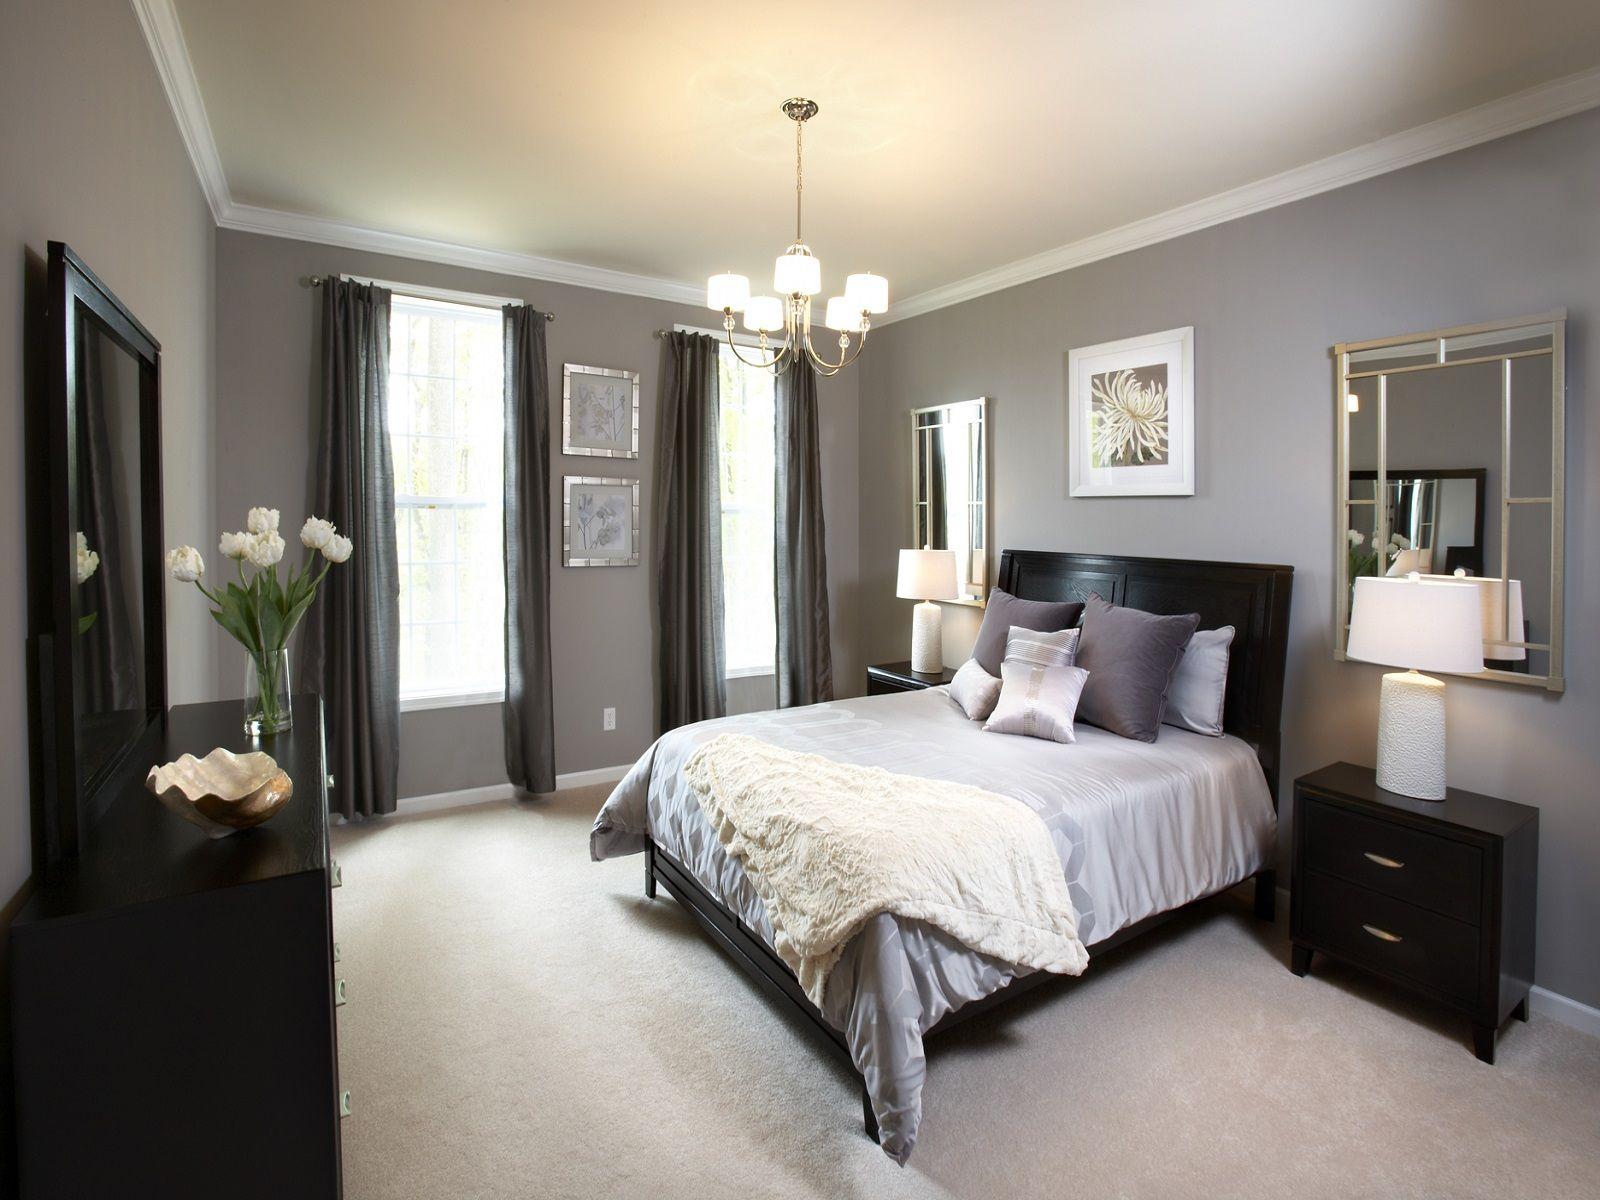 living room ideas grey walls black furniture | decorations living